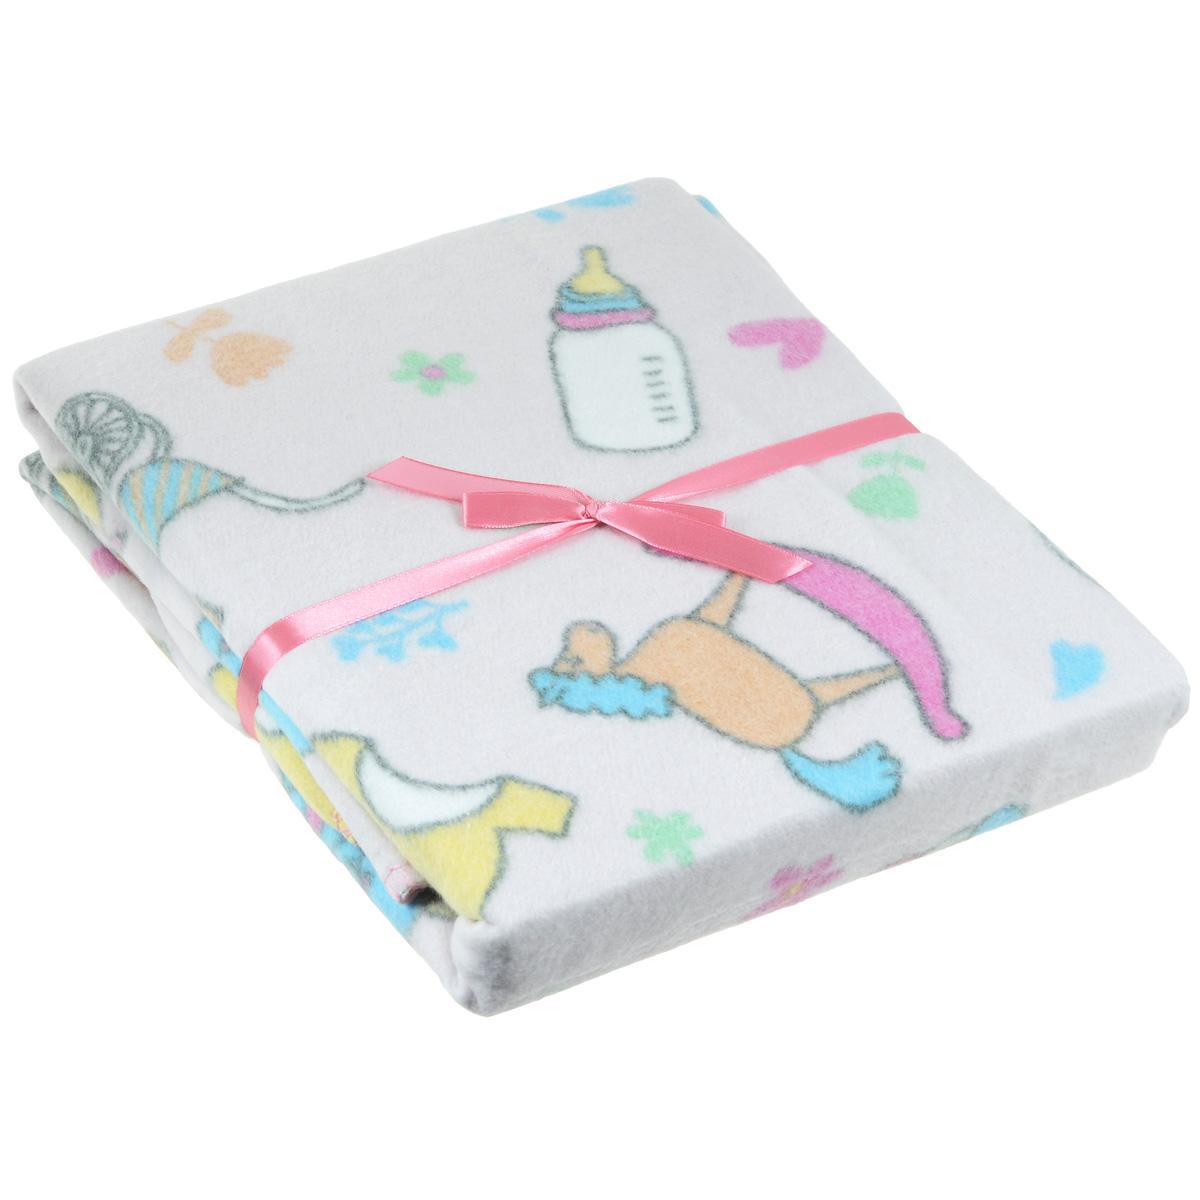 Одеяло детское Baby Nice Малыш, байковое, цвет: розовый, 100 см x 118 смD211511